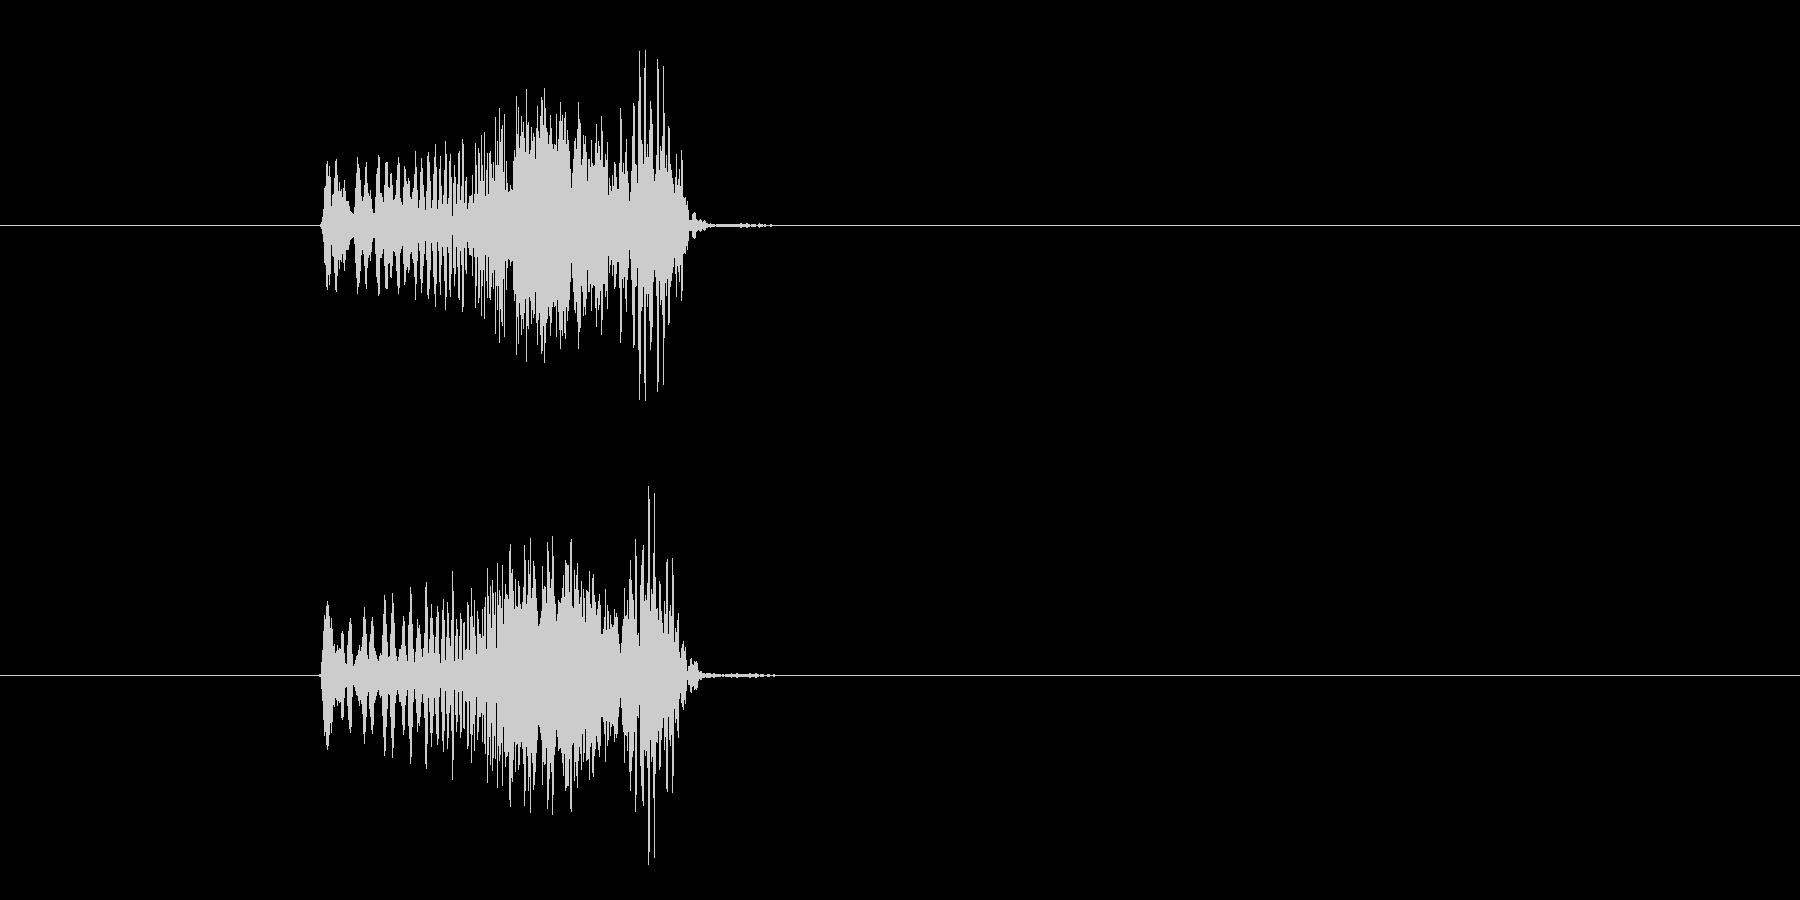 モニター表示SE、宇宙船、SF、効果音…の未再生の波形